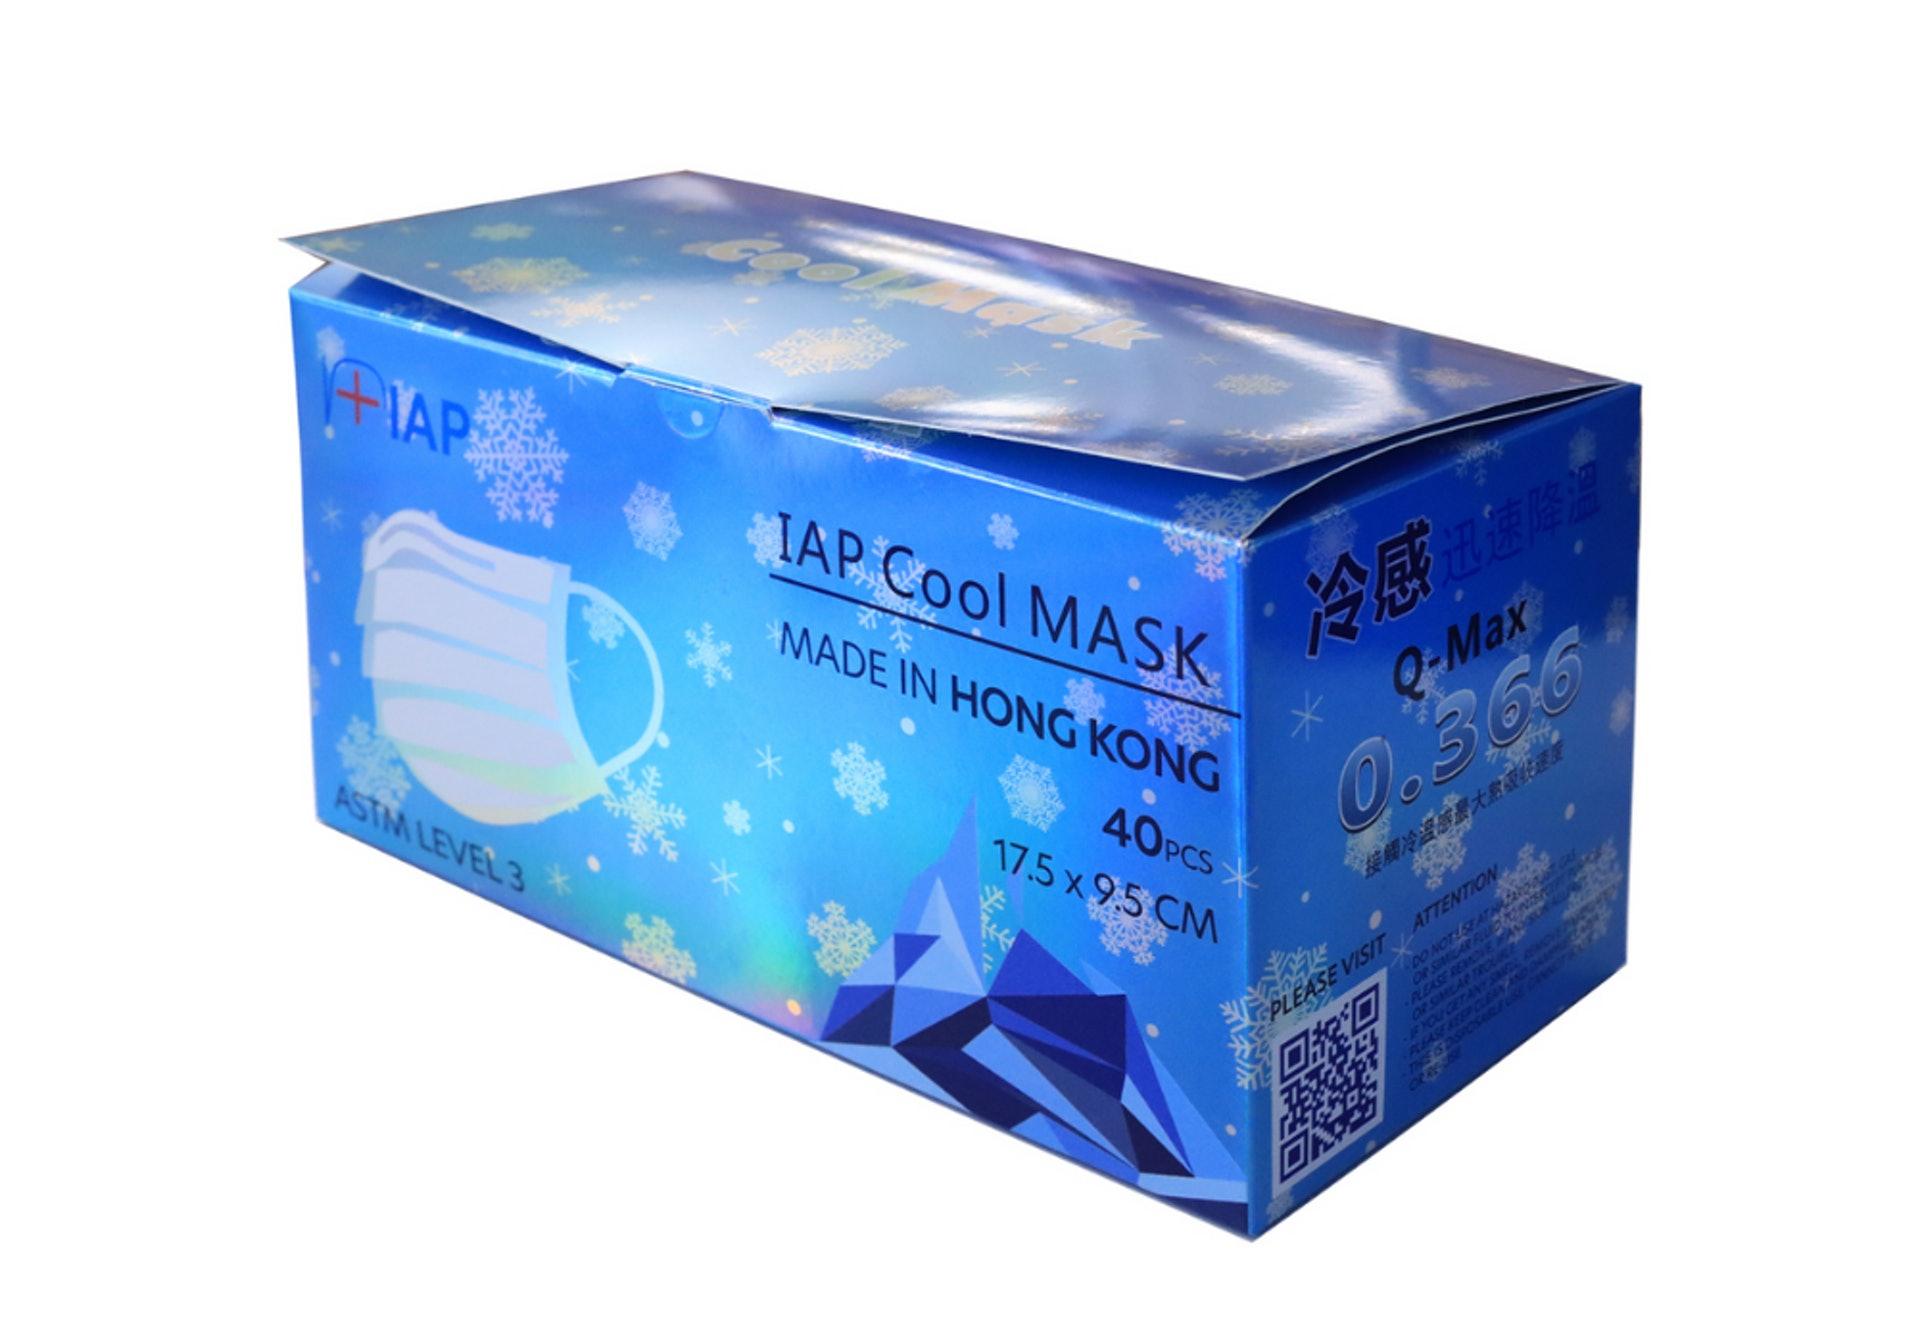 IAP的冰涼口罩平均每片只售$1.95,是現時同類口罩最平。(圖片:IAP)